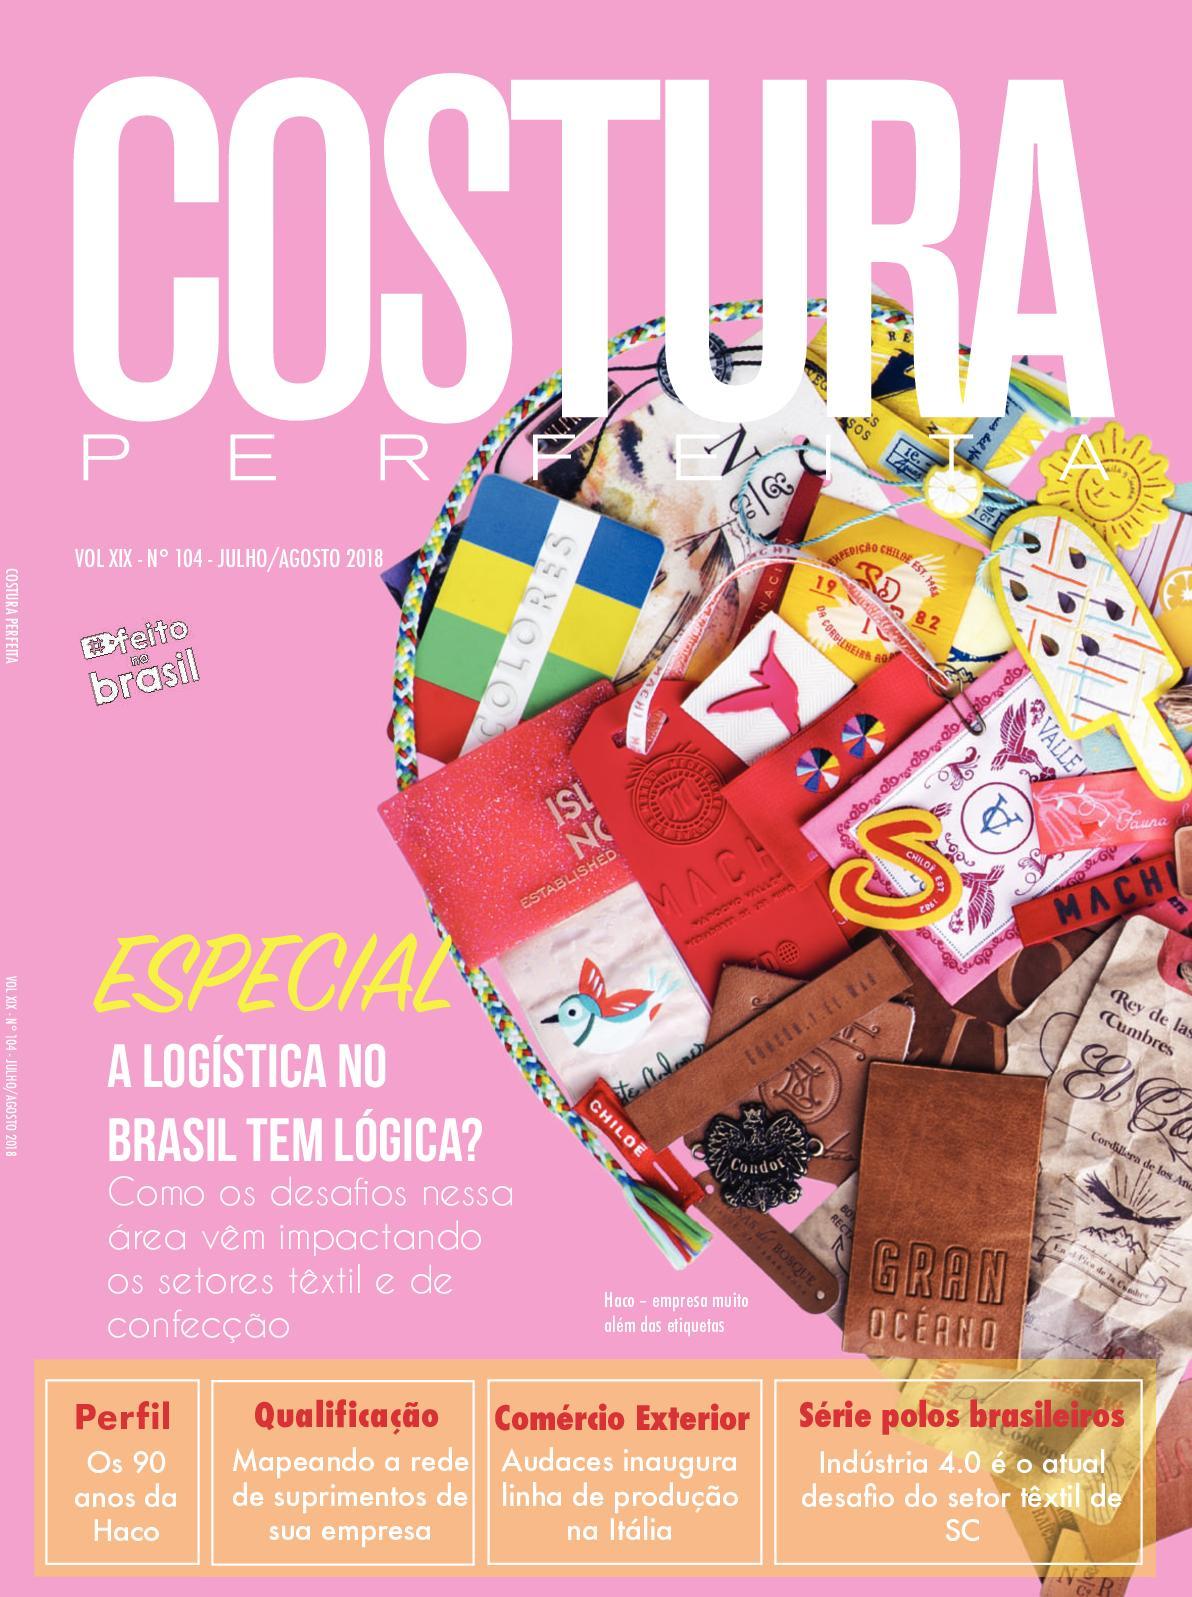 f89ee90f1 Calaméo - Revista Costura Perfeita Edição Ano XIX - N104 - Julho-Agosto